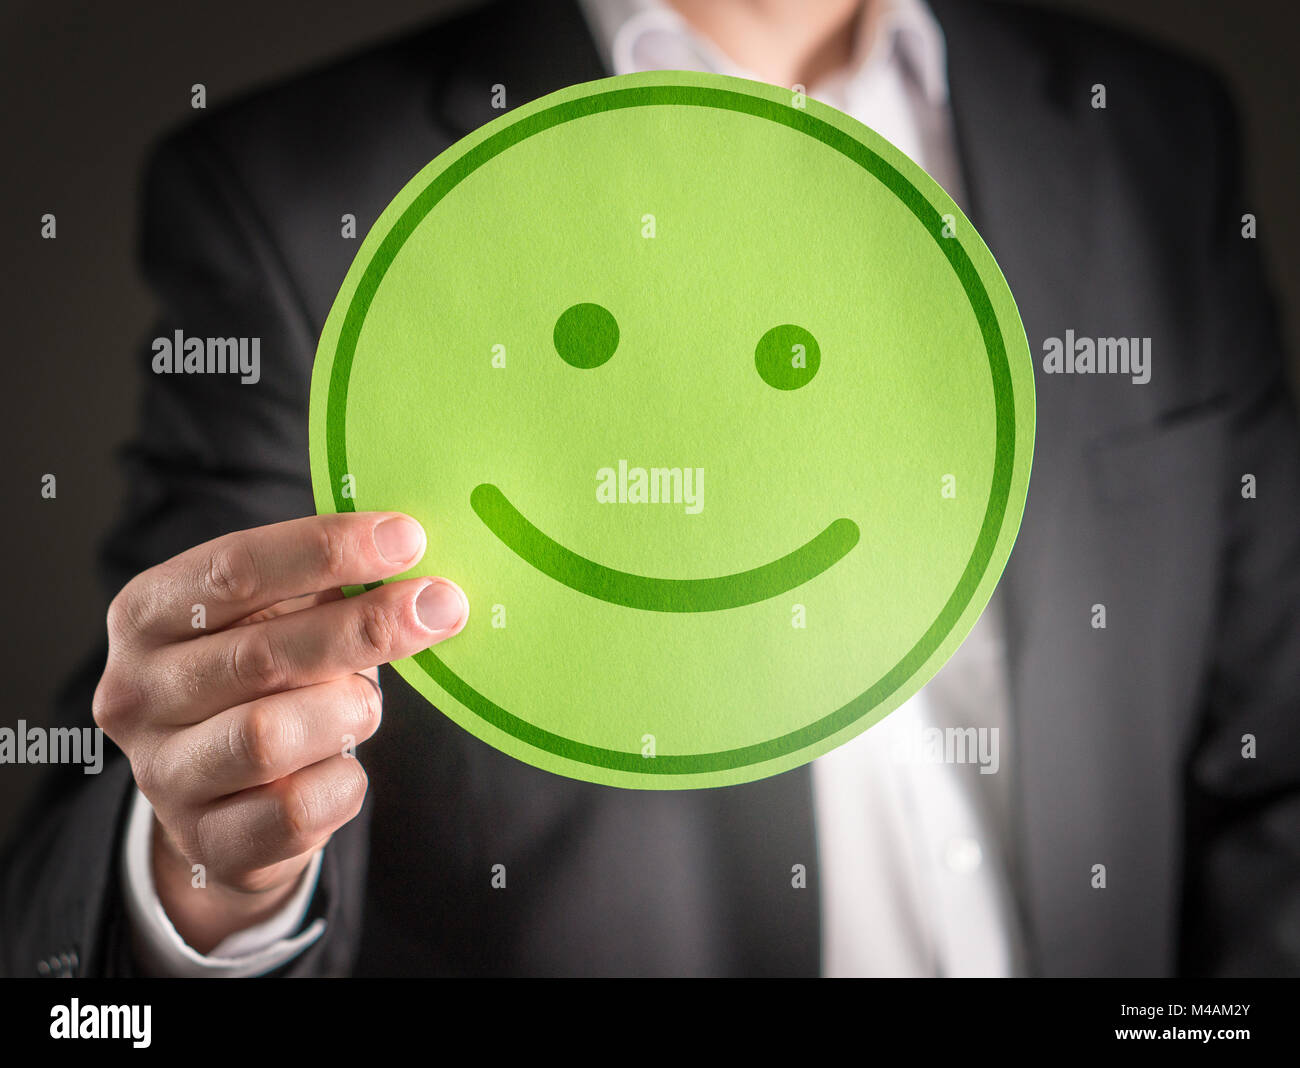 Geschäftsmann mit glücklichen Karton Smiley Emoticon. Kundenzufriedenheit oder Erfolgreiches Geschäftskonzept. Stockbild